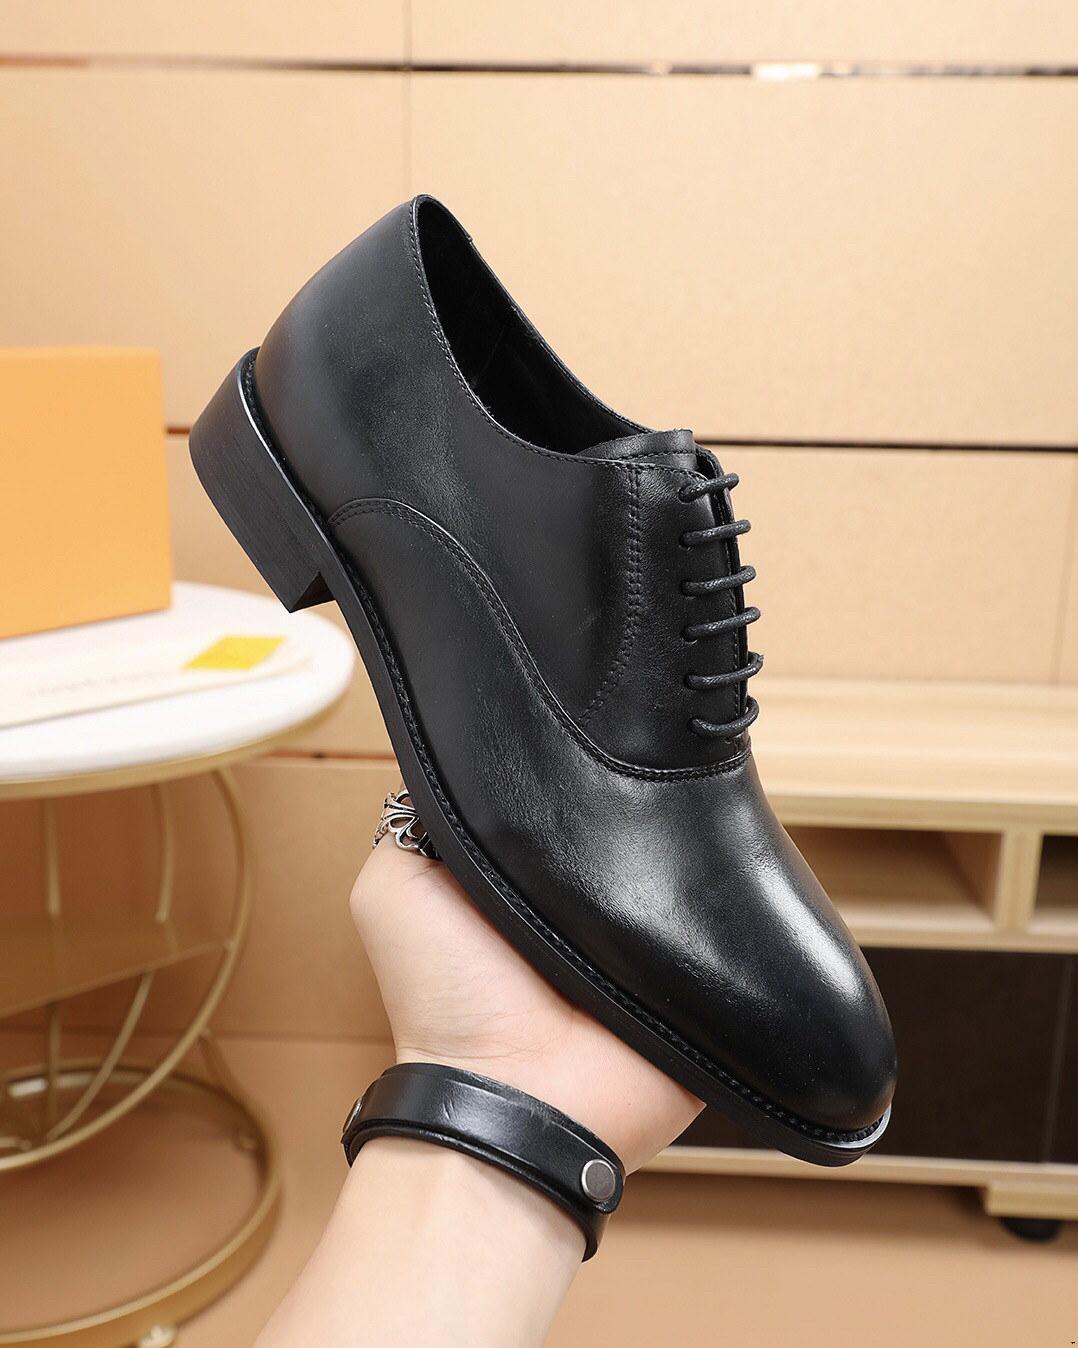 Männer Echtes Wingtip Leder-Plattform Oxford-Schuhe Luxus Designer Zeige-Zehe Lace-up Oxfords Kleid Brogues Hochzeitsschuhe